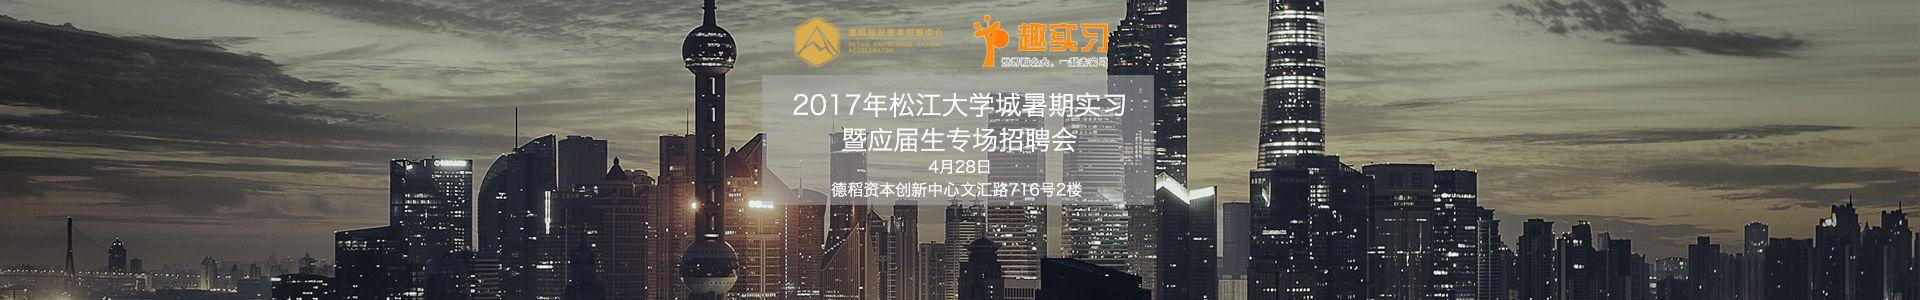 2017松江大学城暑期实习暨应届生招聘会